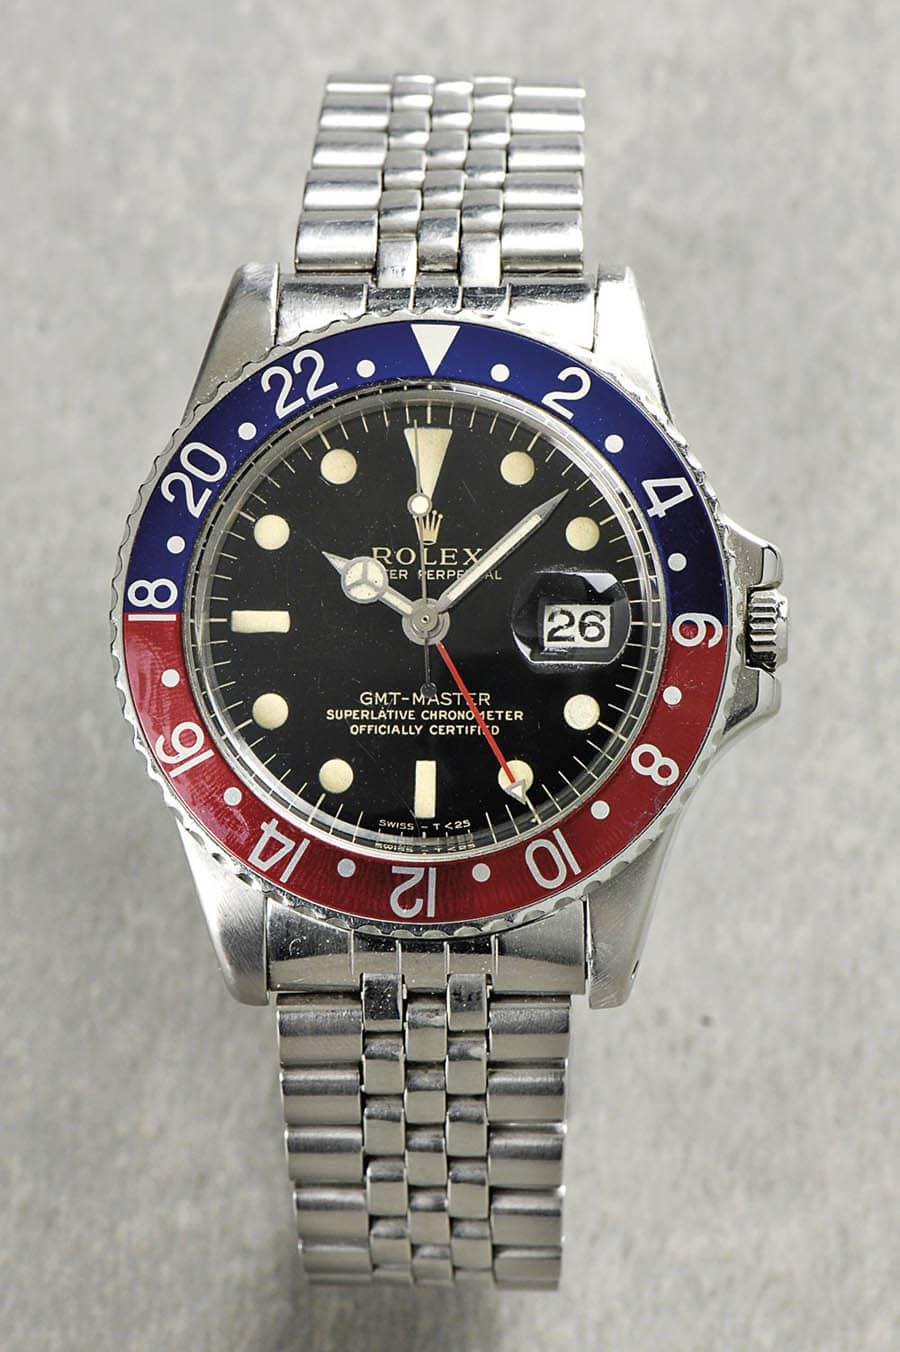 Rolex: Oyster Perpetual GMT-Master Superlative Chronometer von 1965